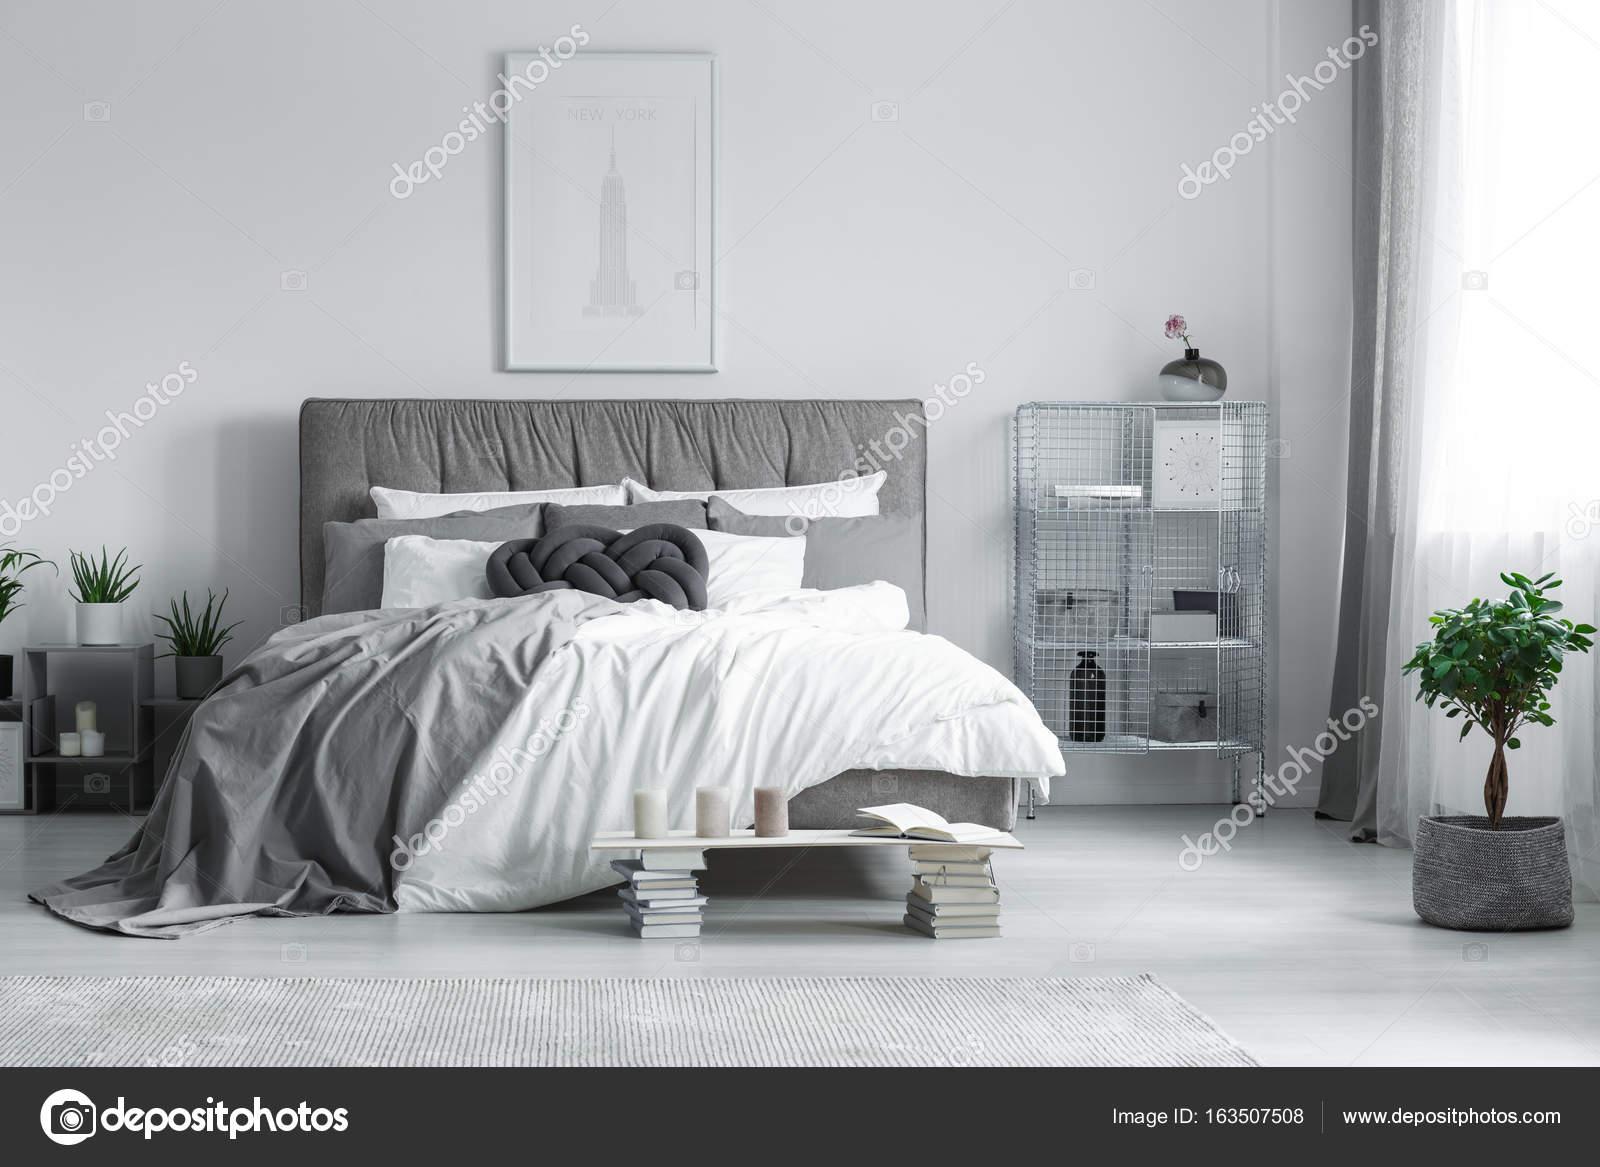 Schilderij boven het bed u stockfoto photographee eu